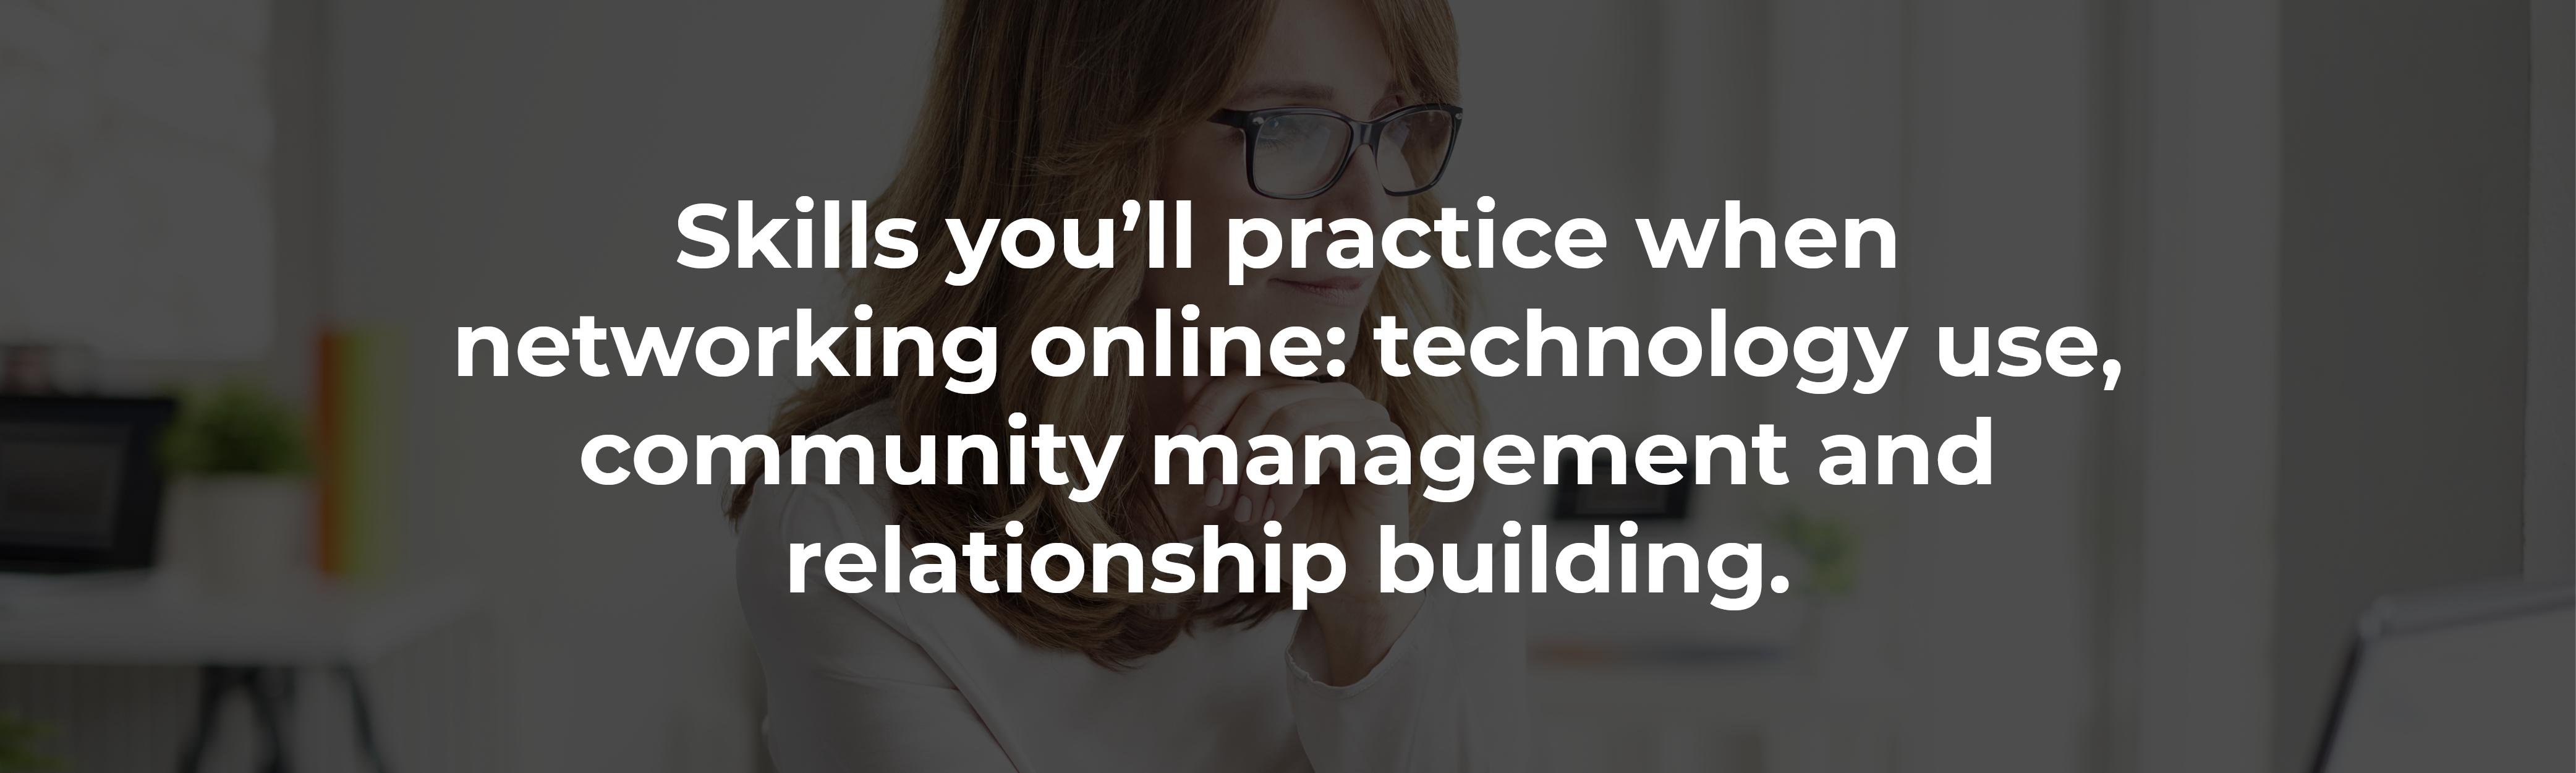 networking online skills